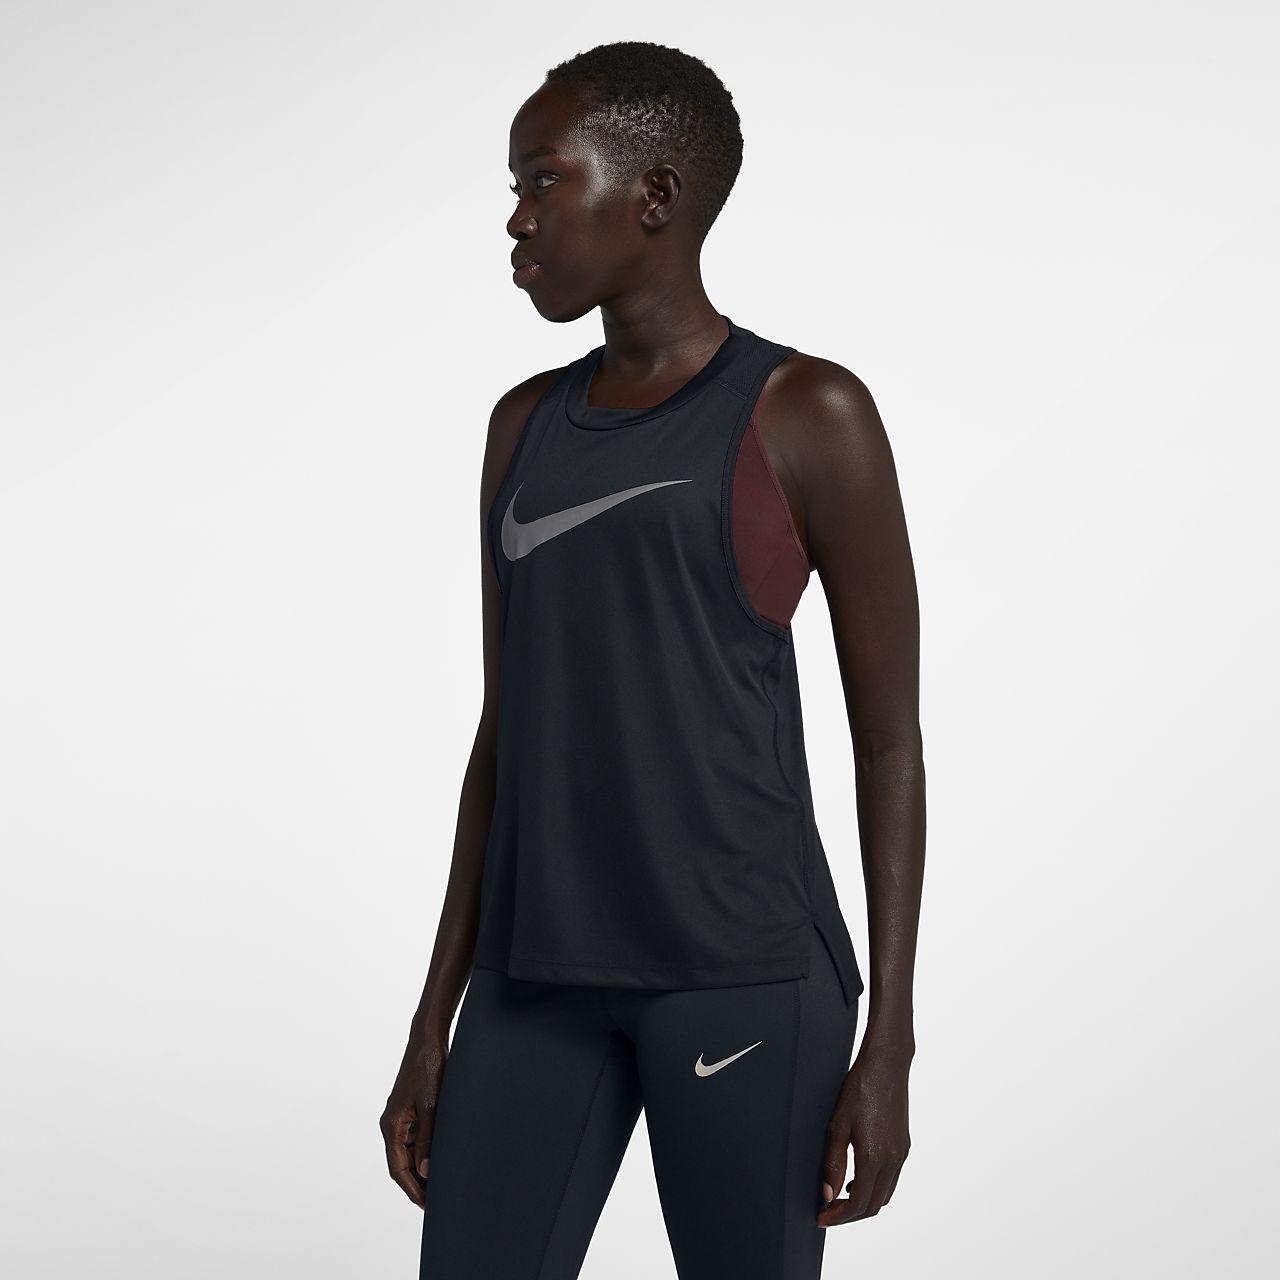 nike donna running canotta  Canotta da running Nike Miler - Donna.  CH